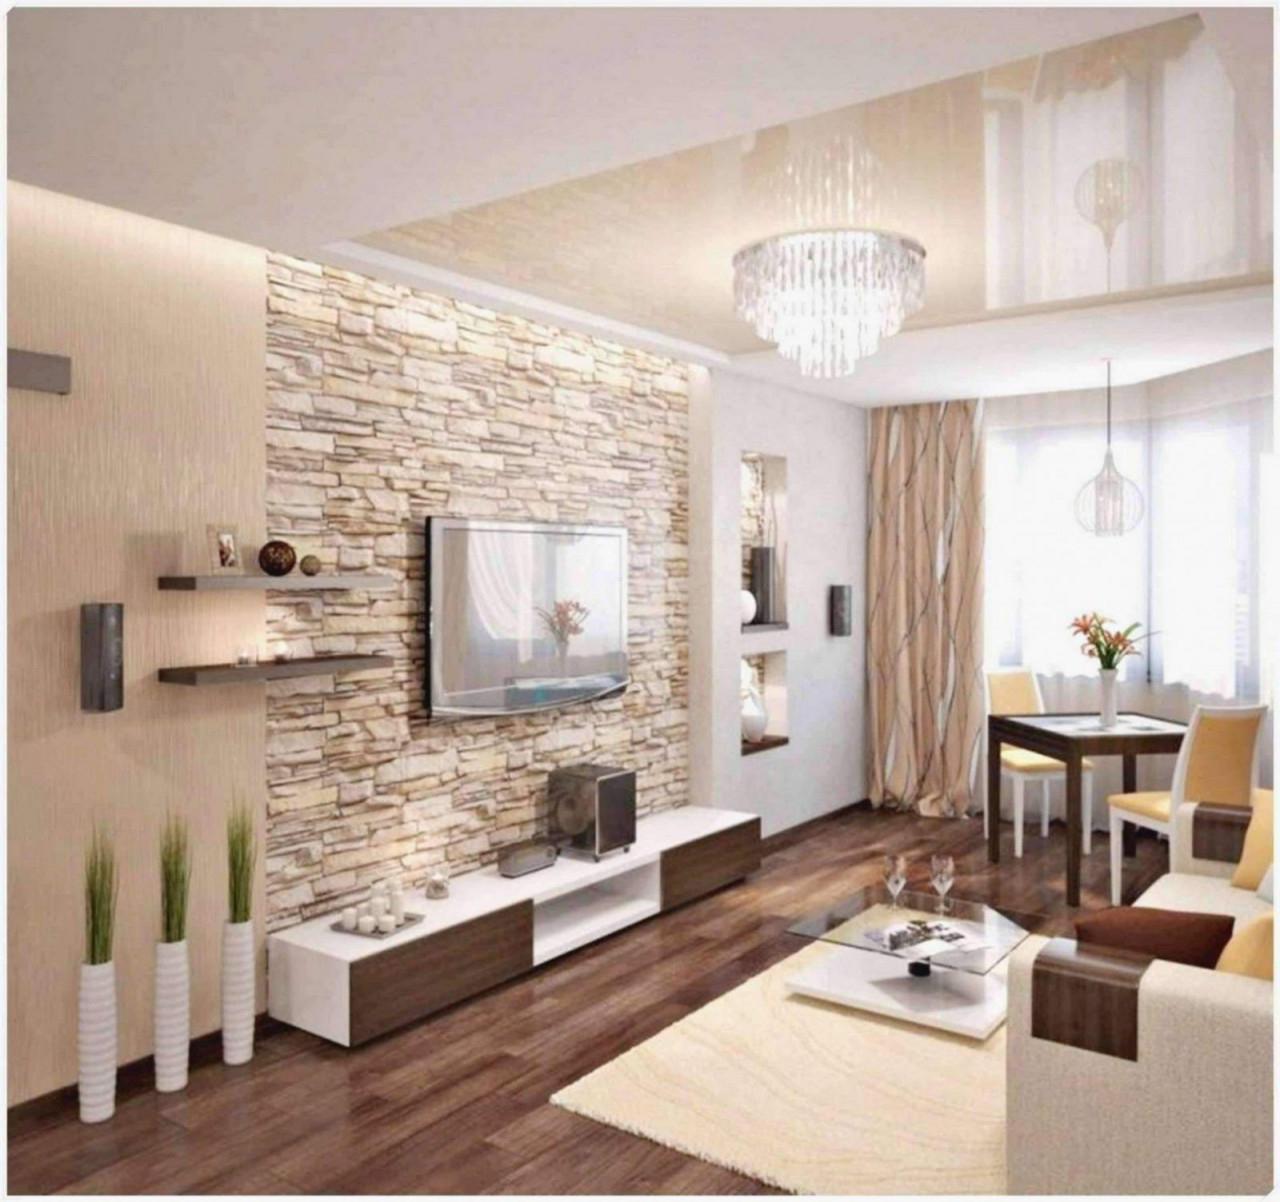 Deko Wand Wohnzimmer Frisch Luxury Dekoration Wohnzimmer Von von Holz Deko Wand Wohnzimmer Bild